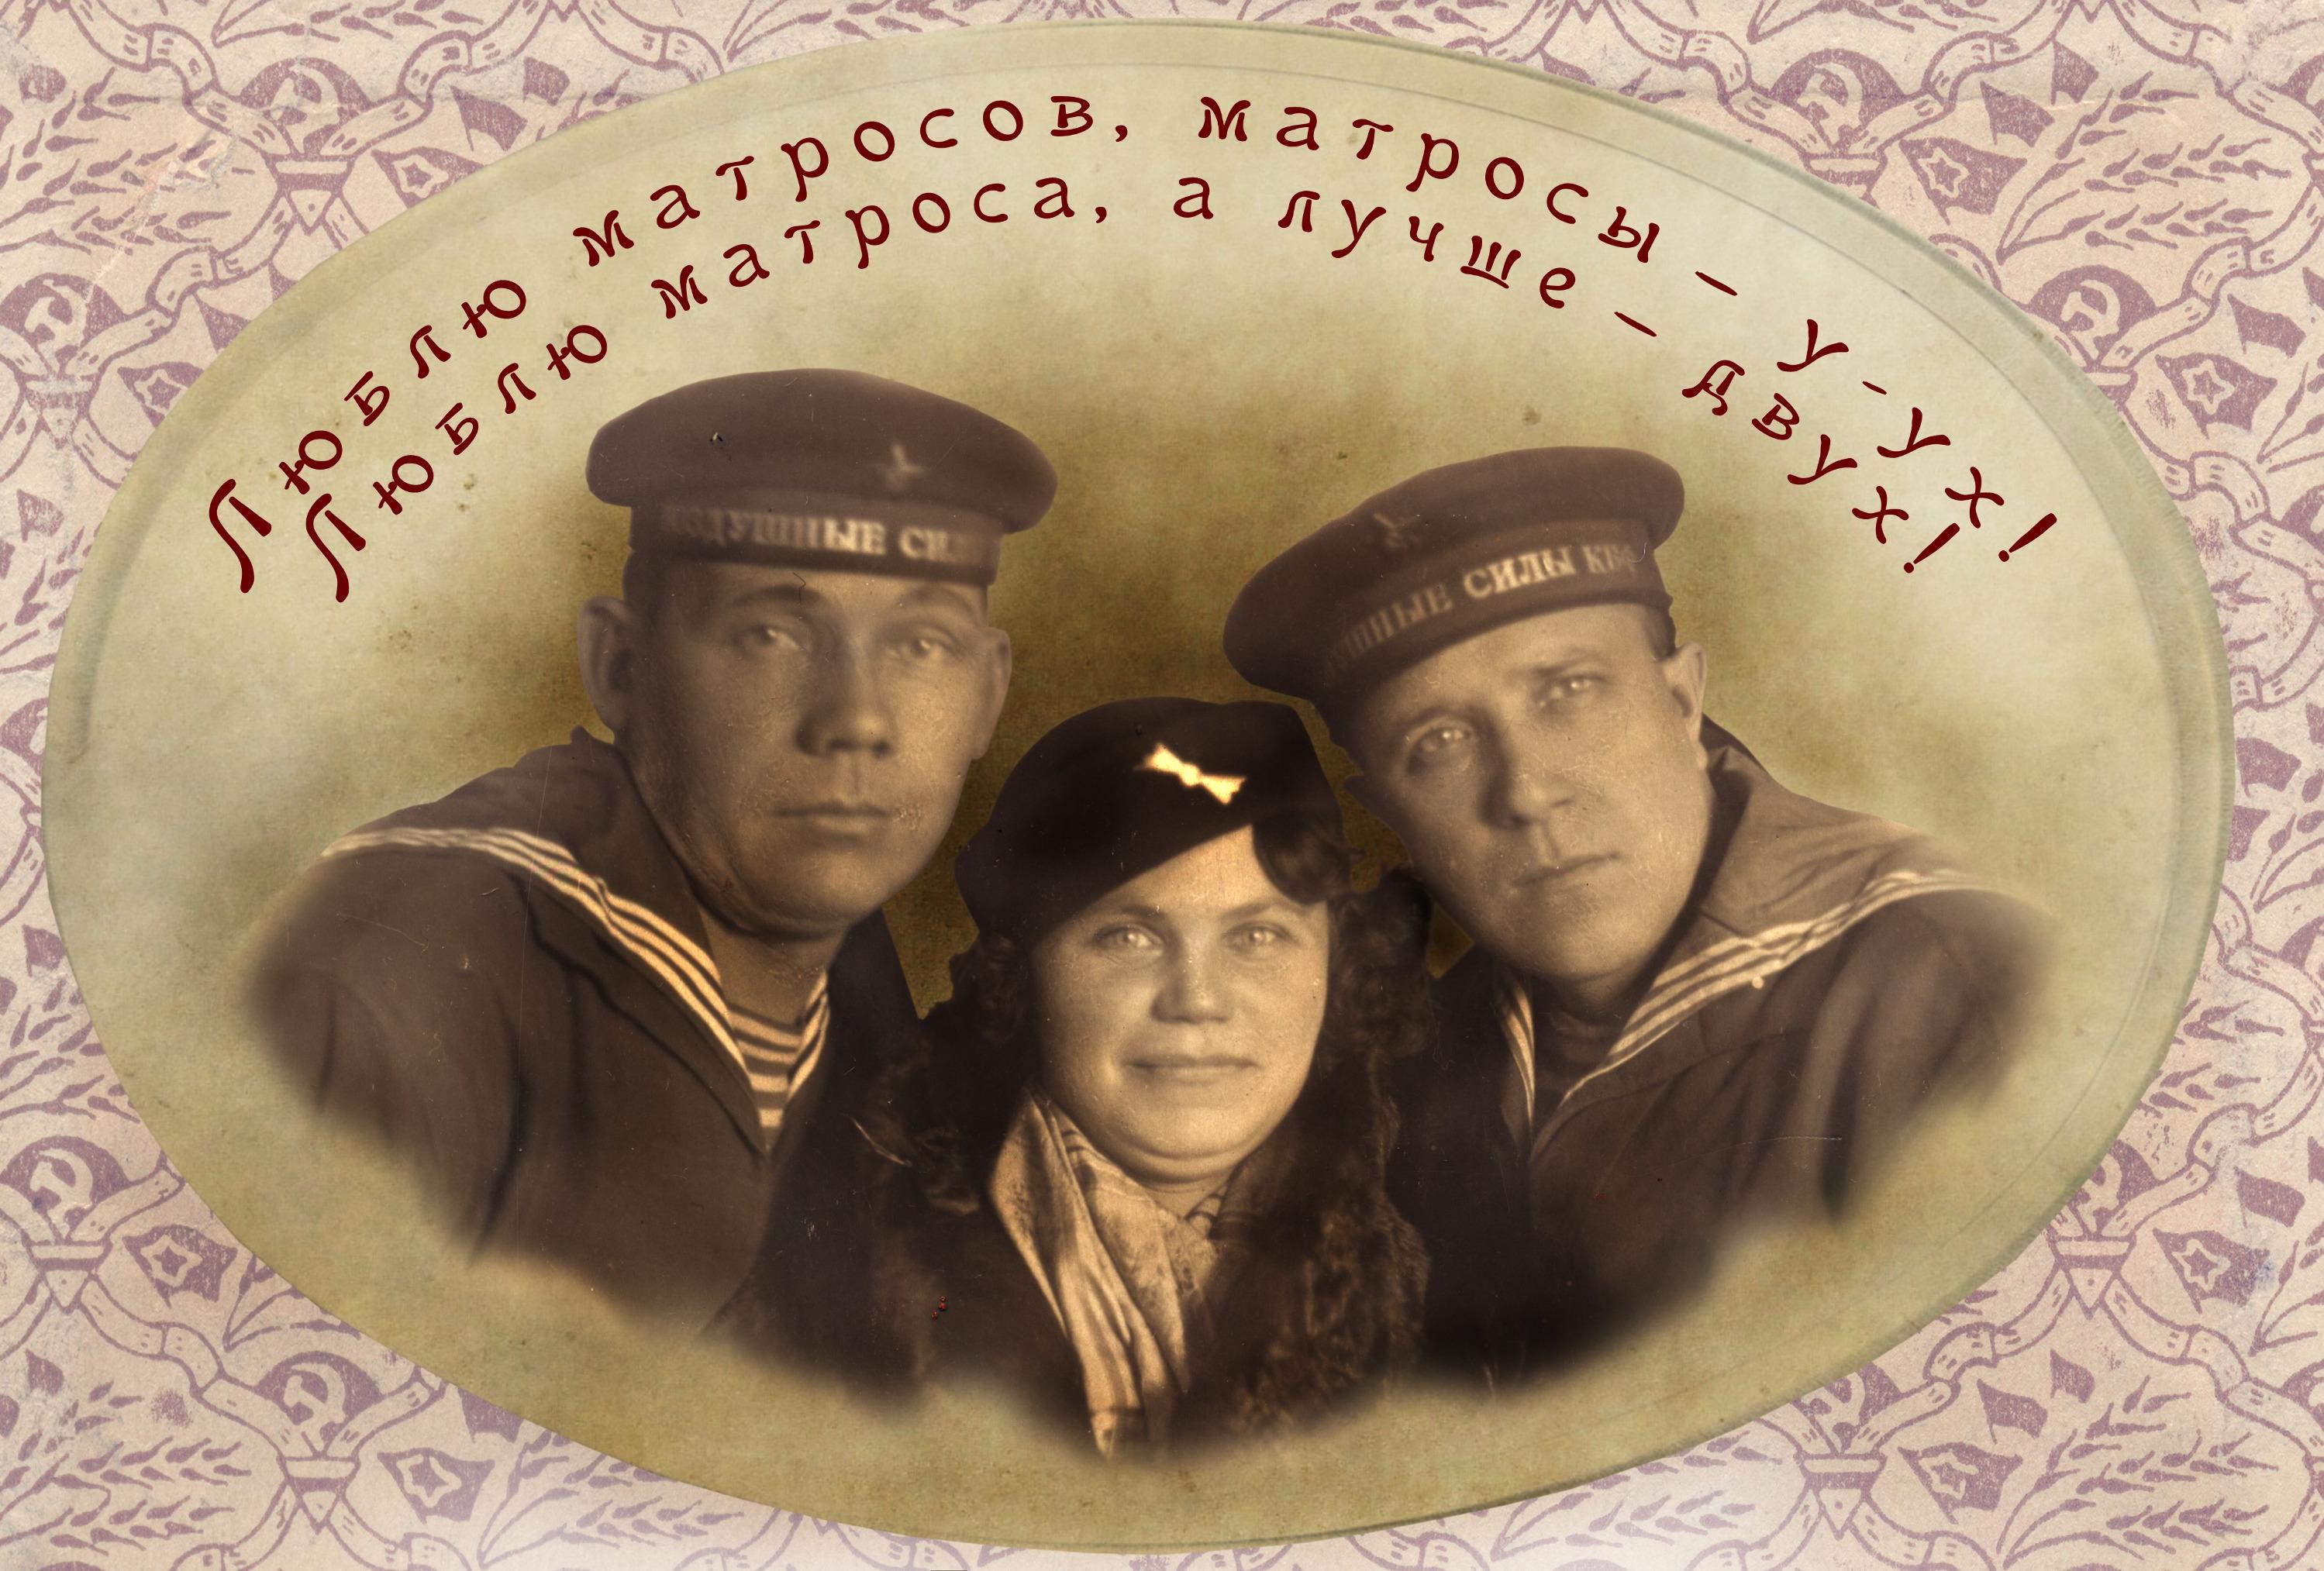 Рекламный плакат «Красного матроса» (2011) Из архива И. Шушарина